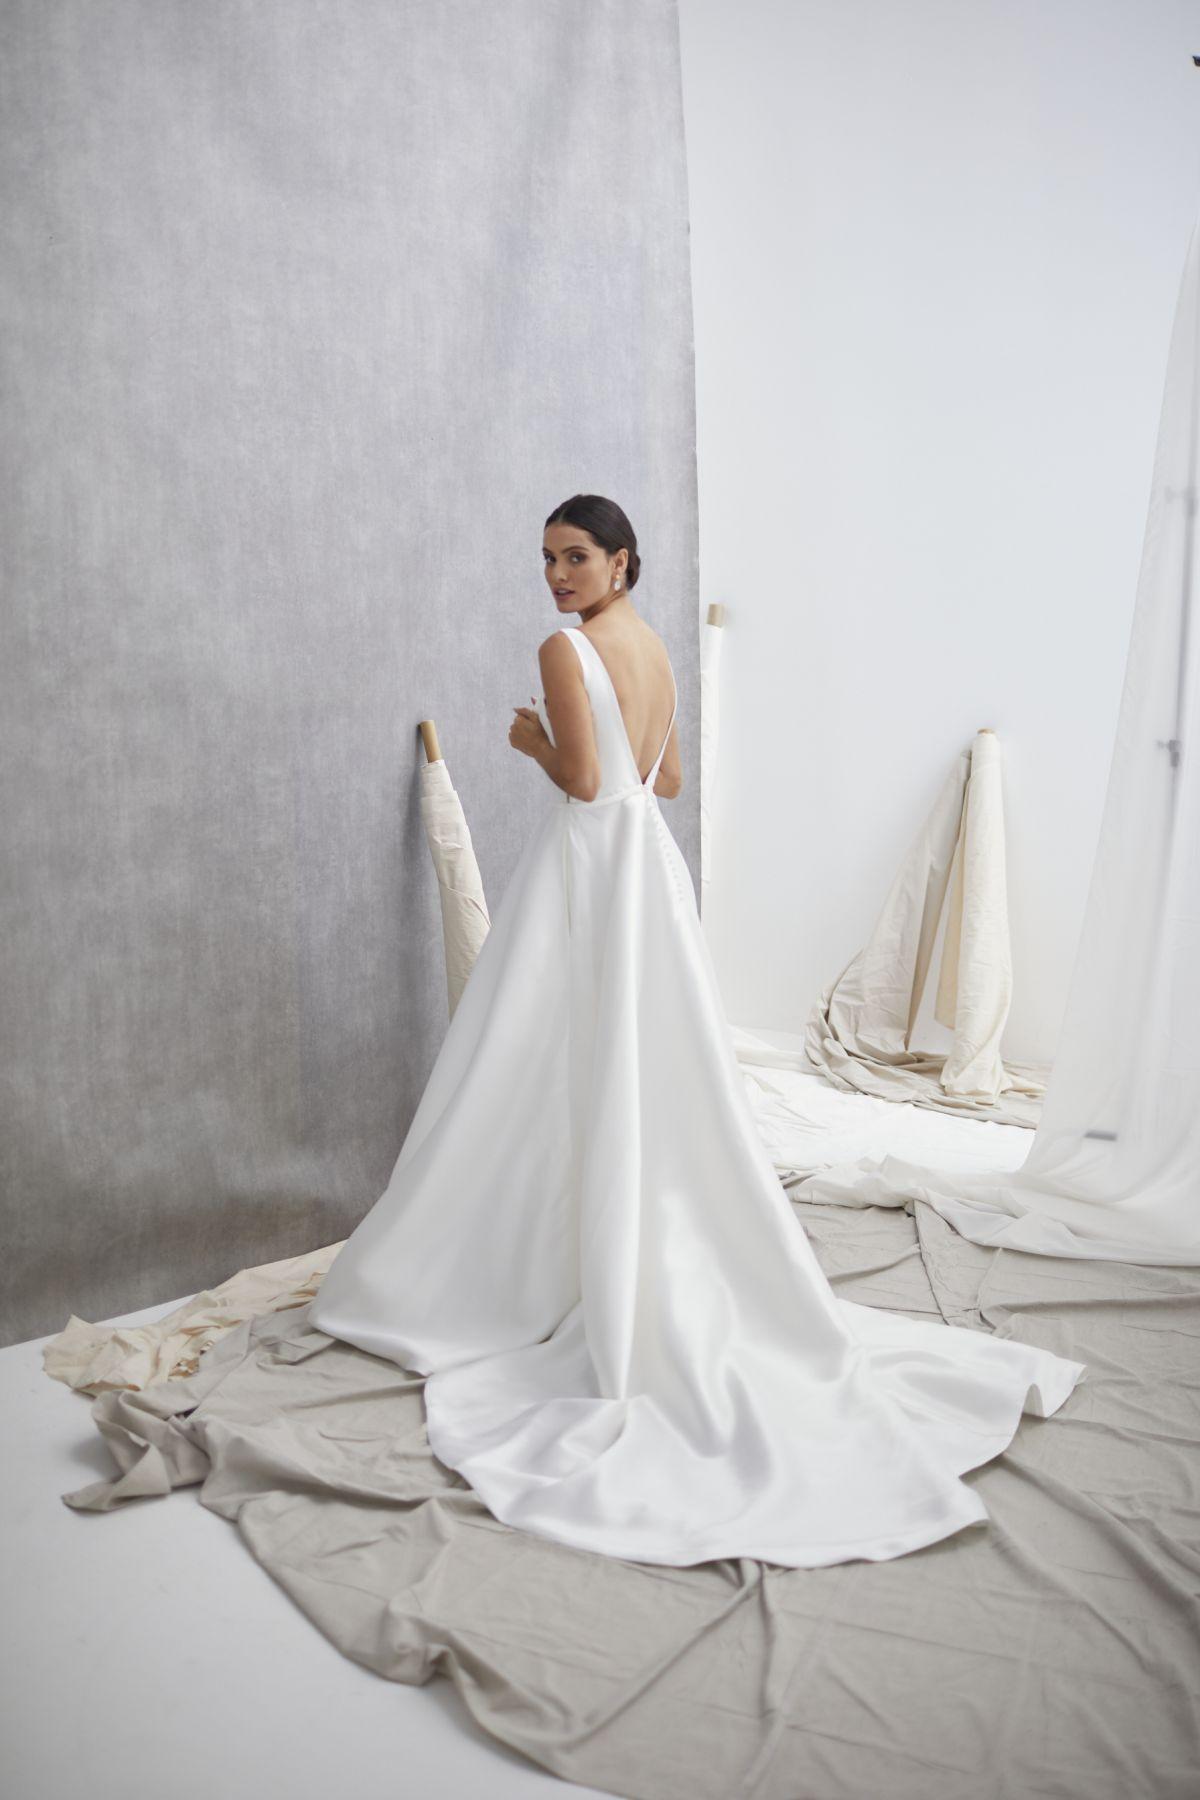 Versailles Wedding Gown 13_1049 1800Px